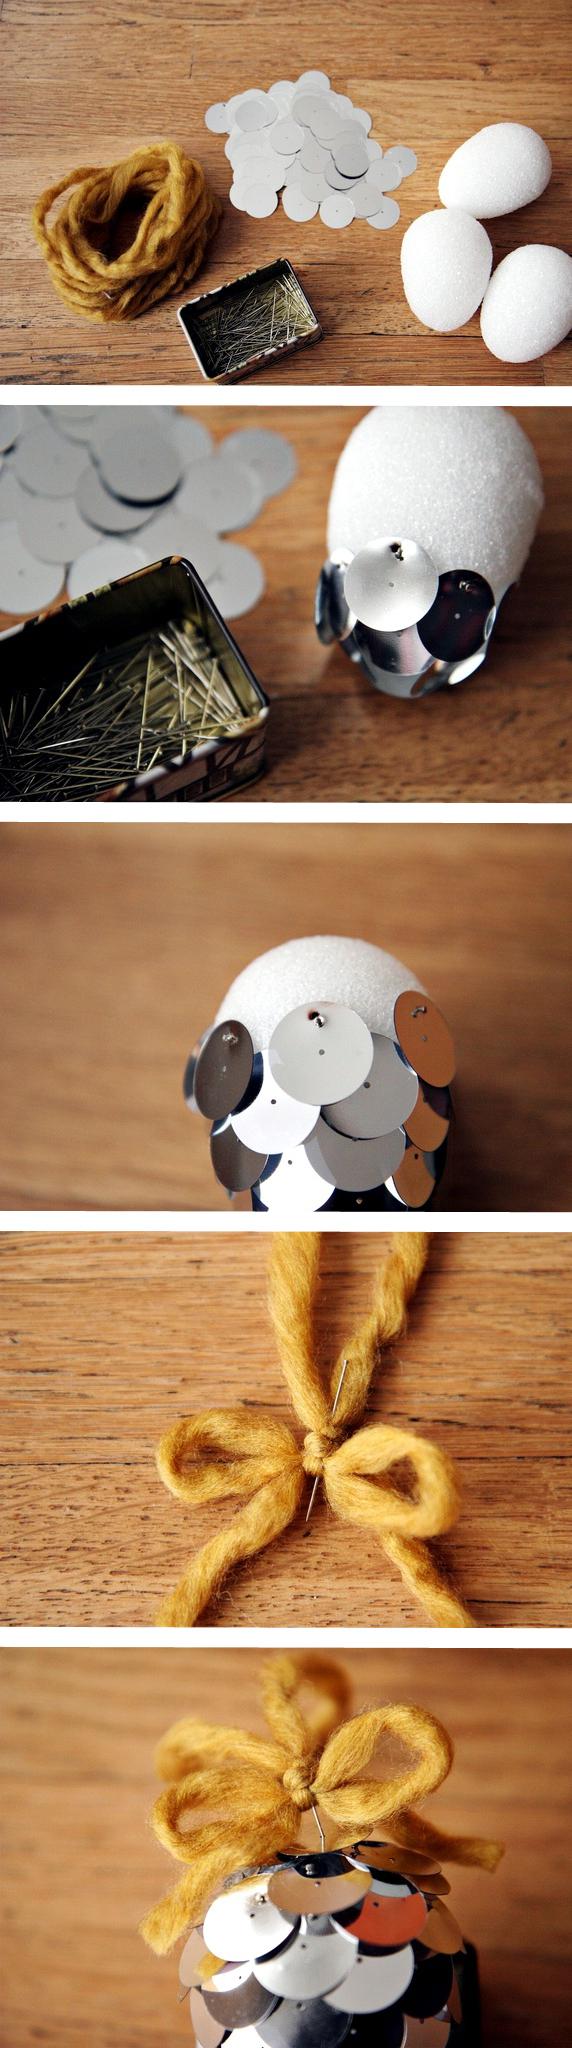 Как сделать Новогодние декоративные шишки из пайеток своими руками (мастер-класс)